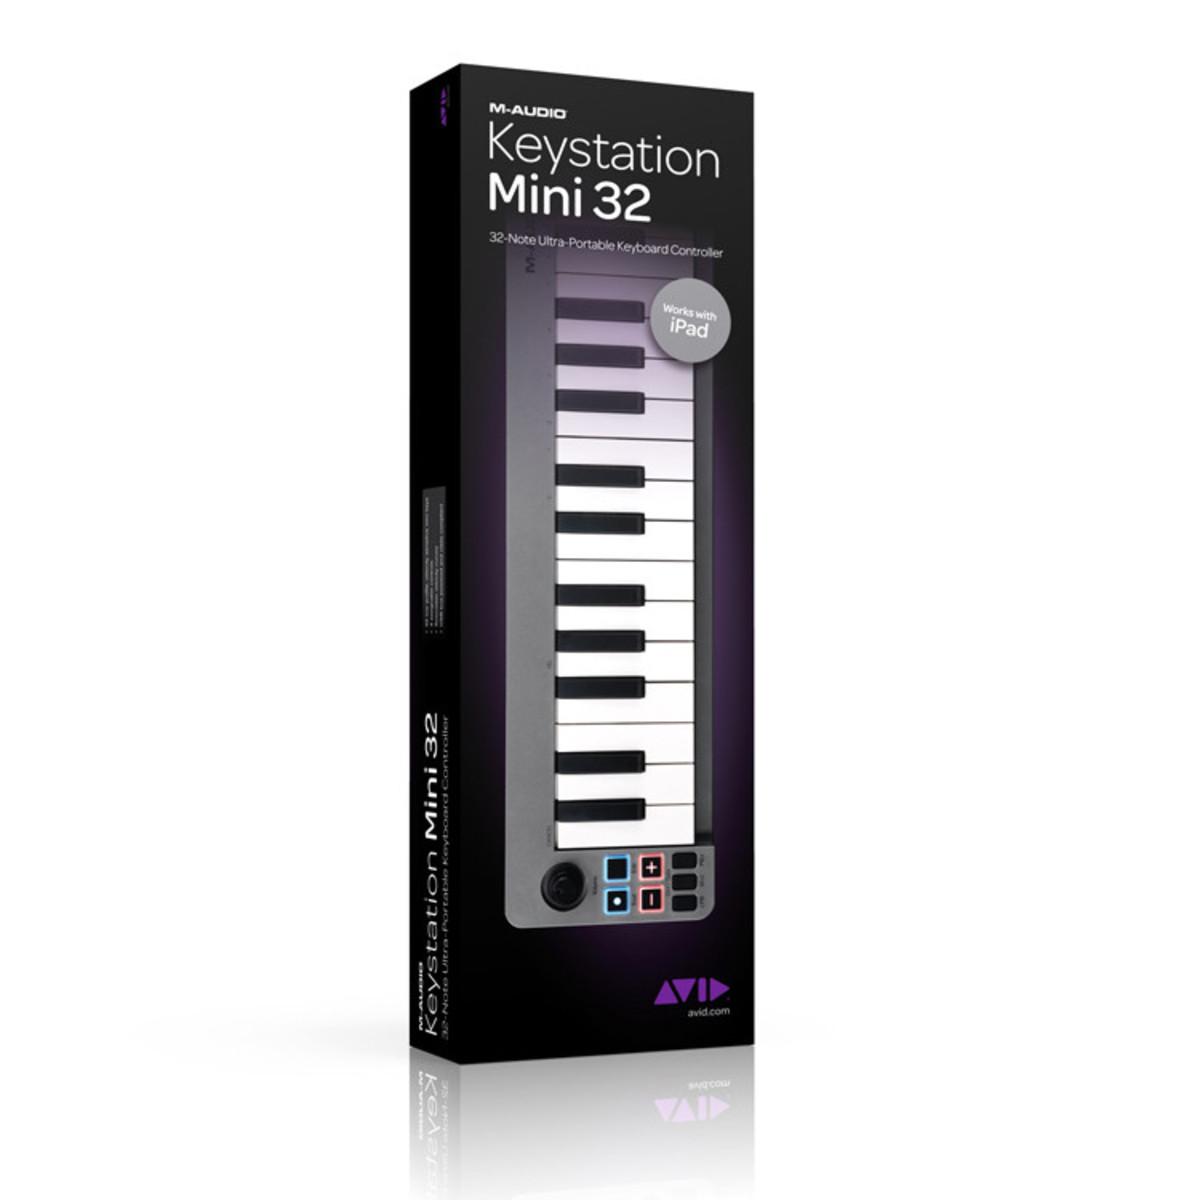 disc m audio clavier contr leur claviers miditation mini. Black Bedroom Furniture Sets. Home Design Ideas